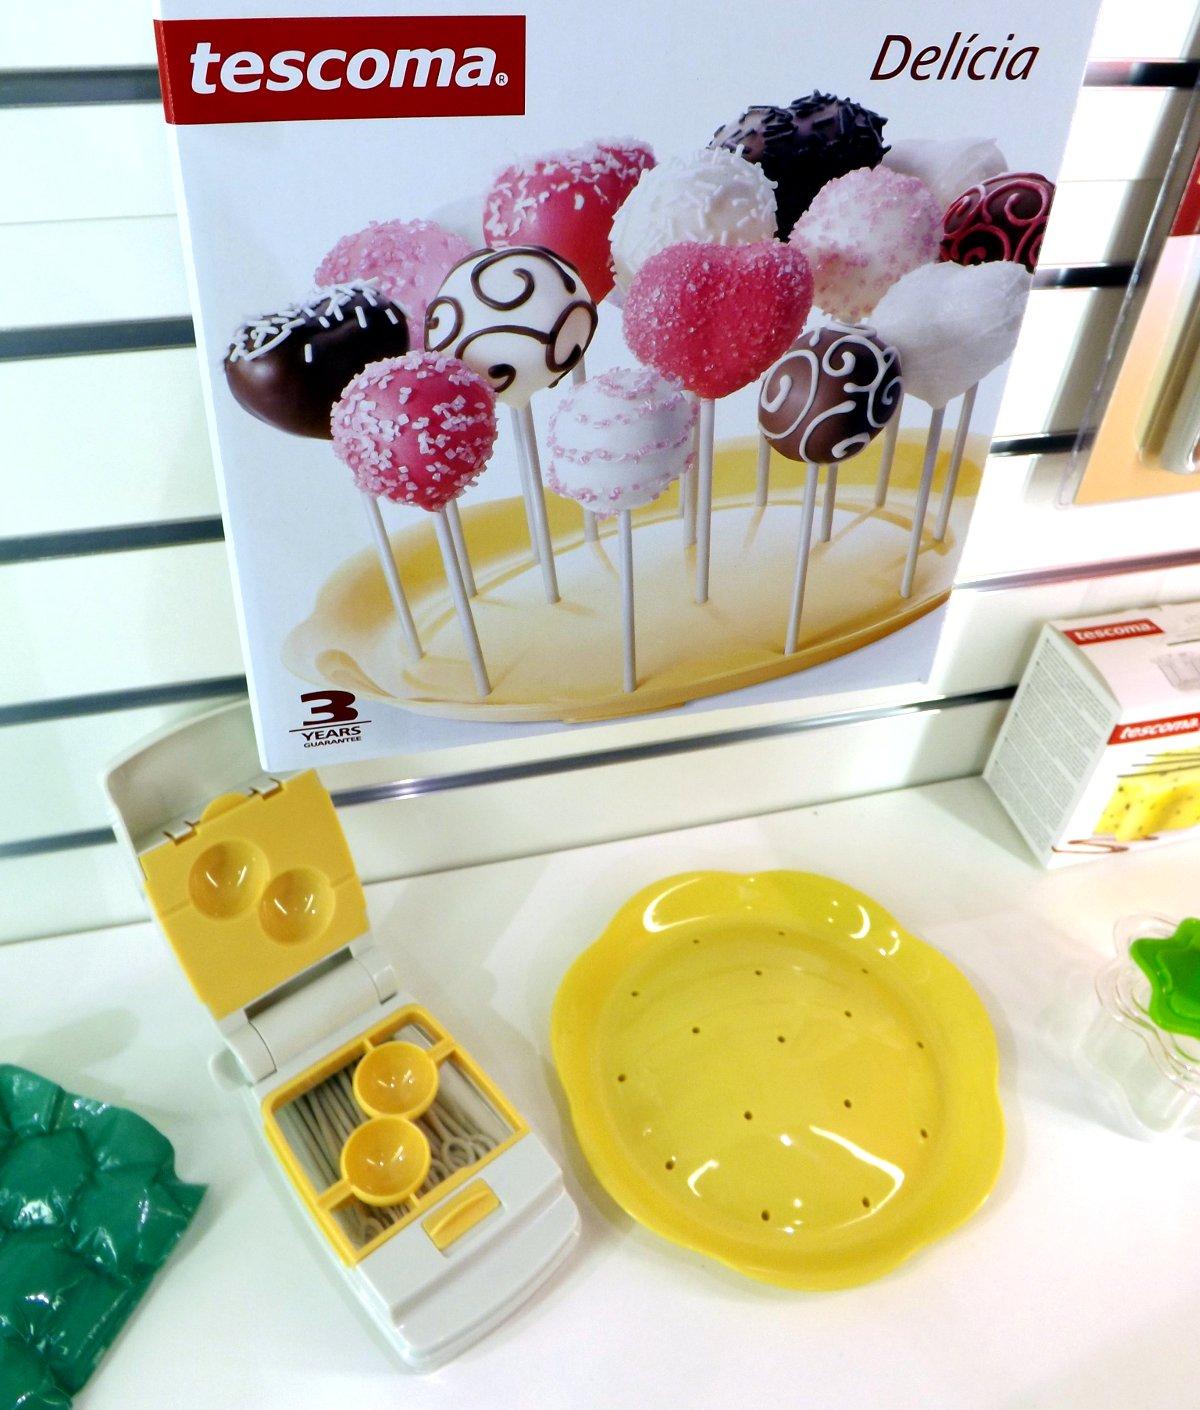 Набор из коллекции Tescoma DELICIA для приготовления конфет на палочке на весенней выставке HouseHoldExpo 2015